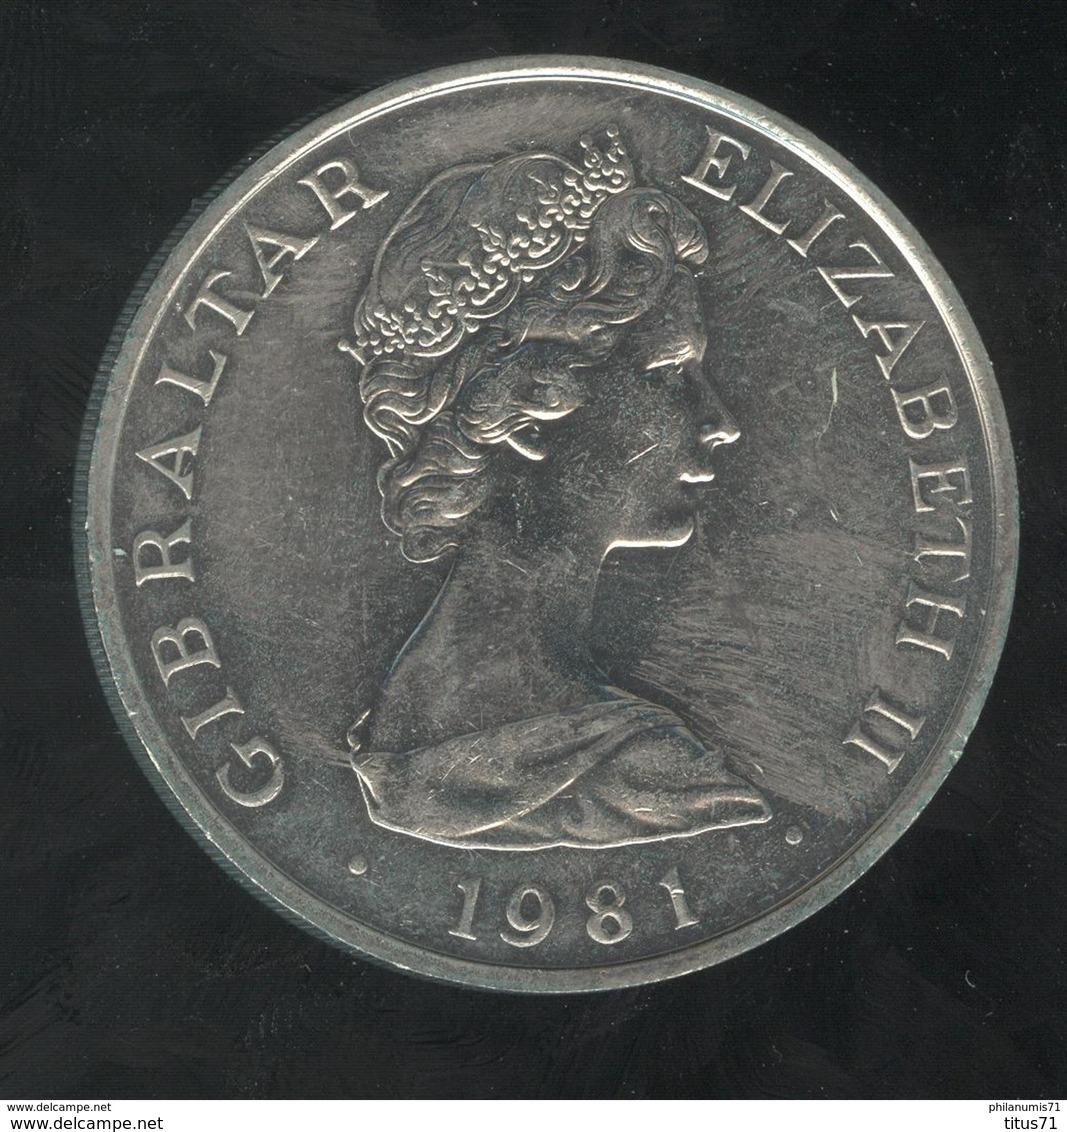 1 Crown Gibraltar 1981 - Gibraltar